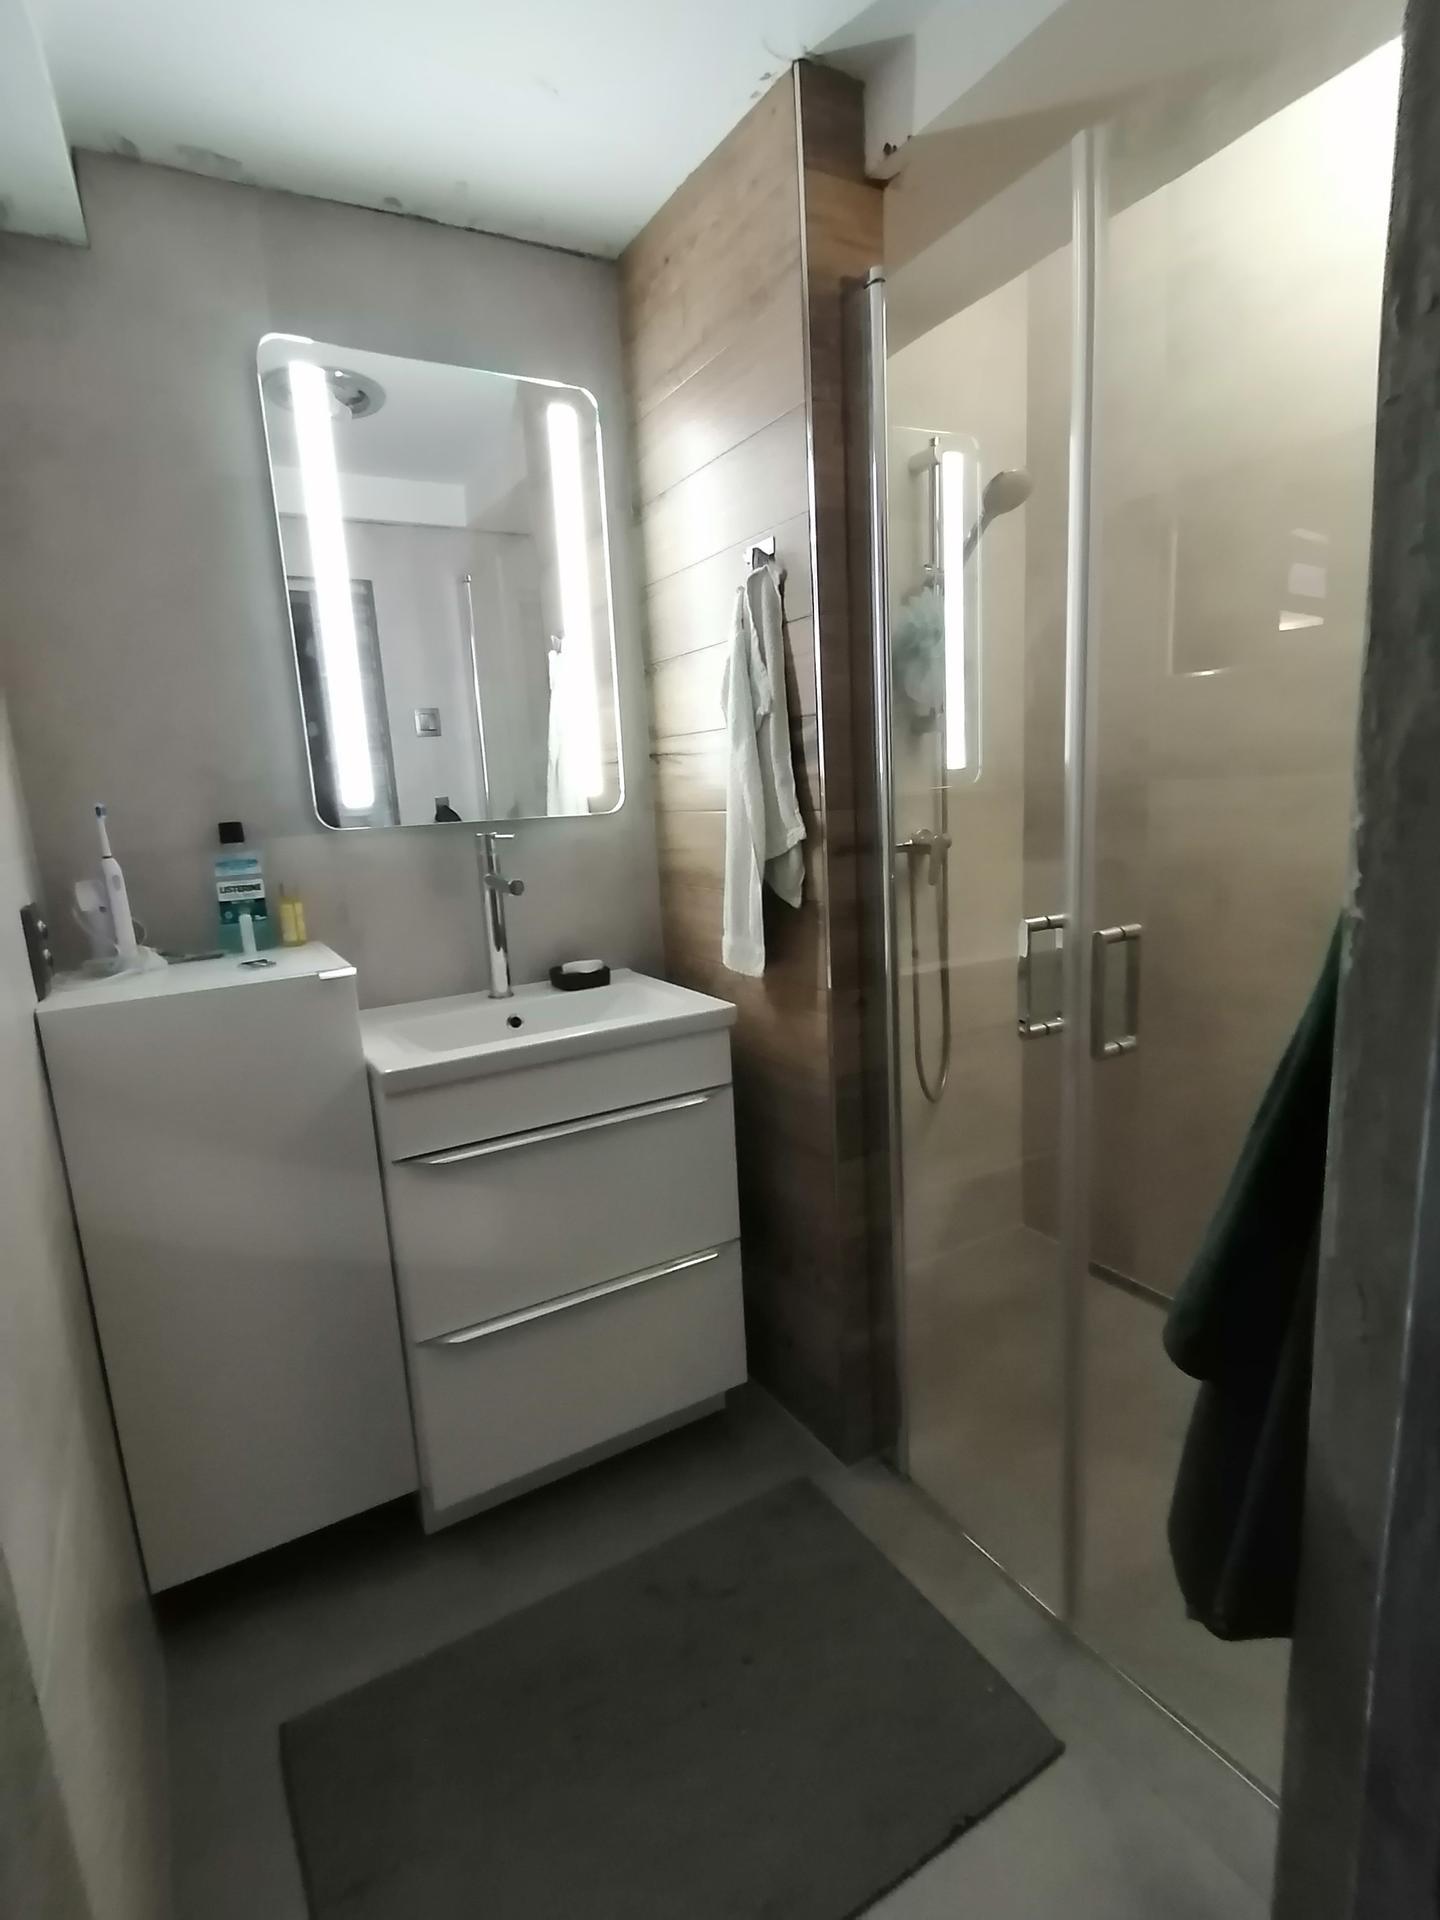 Rekonstrukce koupelny - Obrázek č. 17